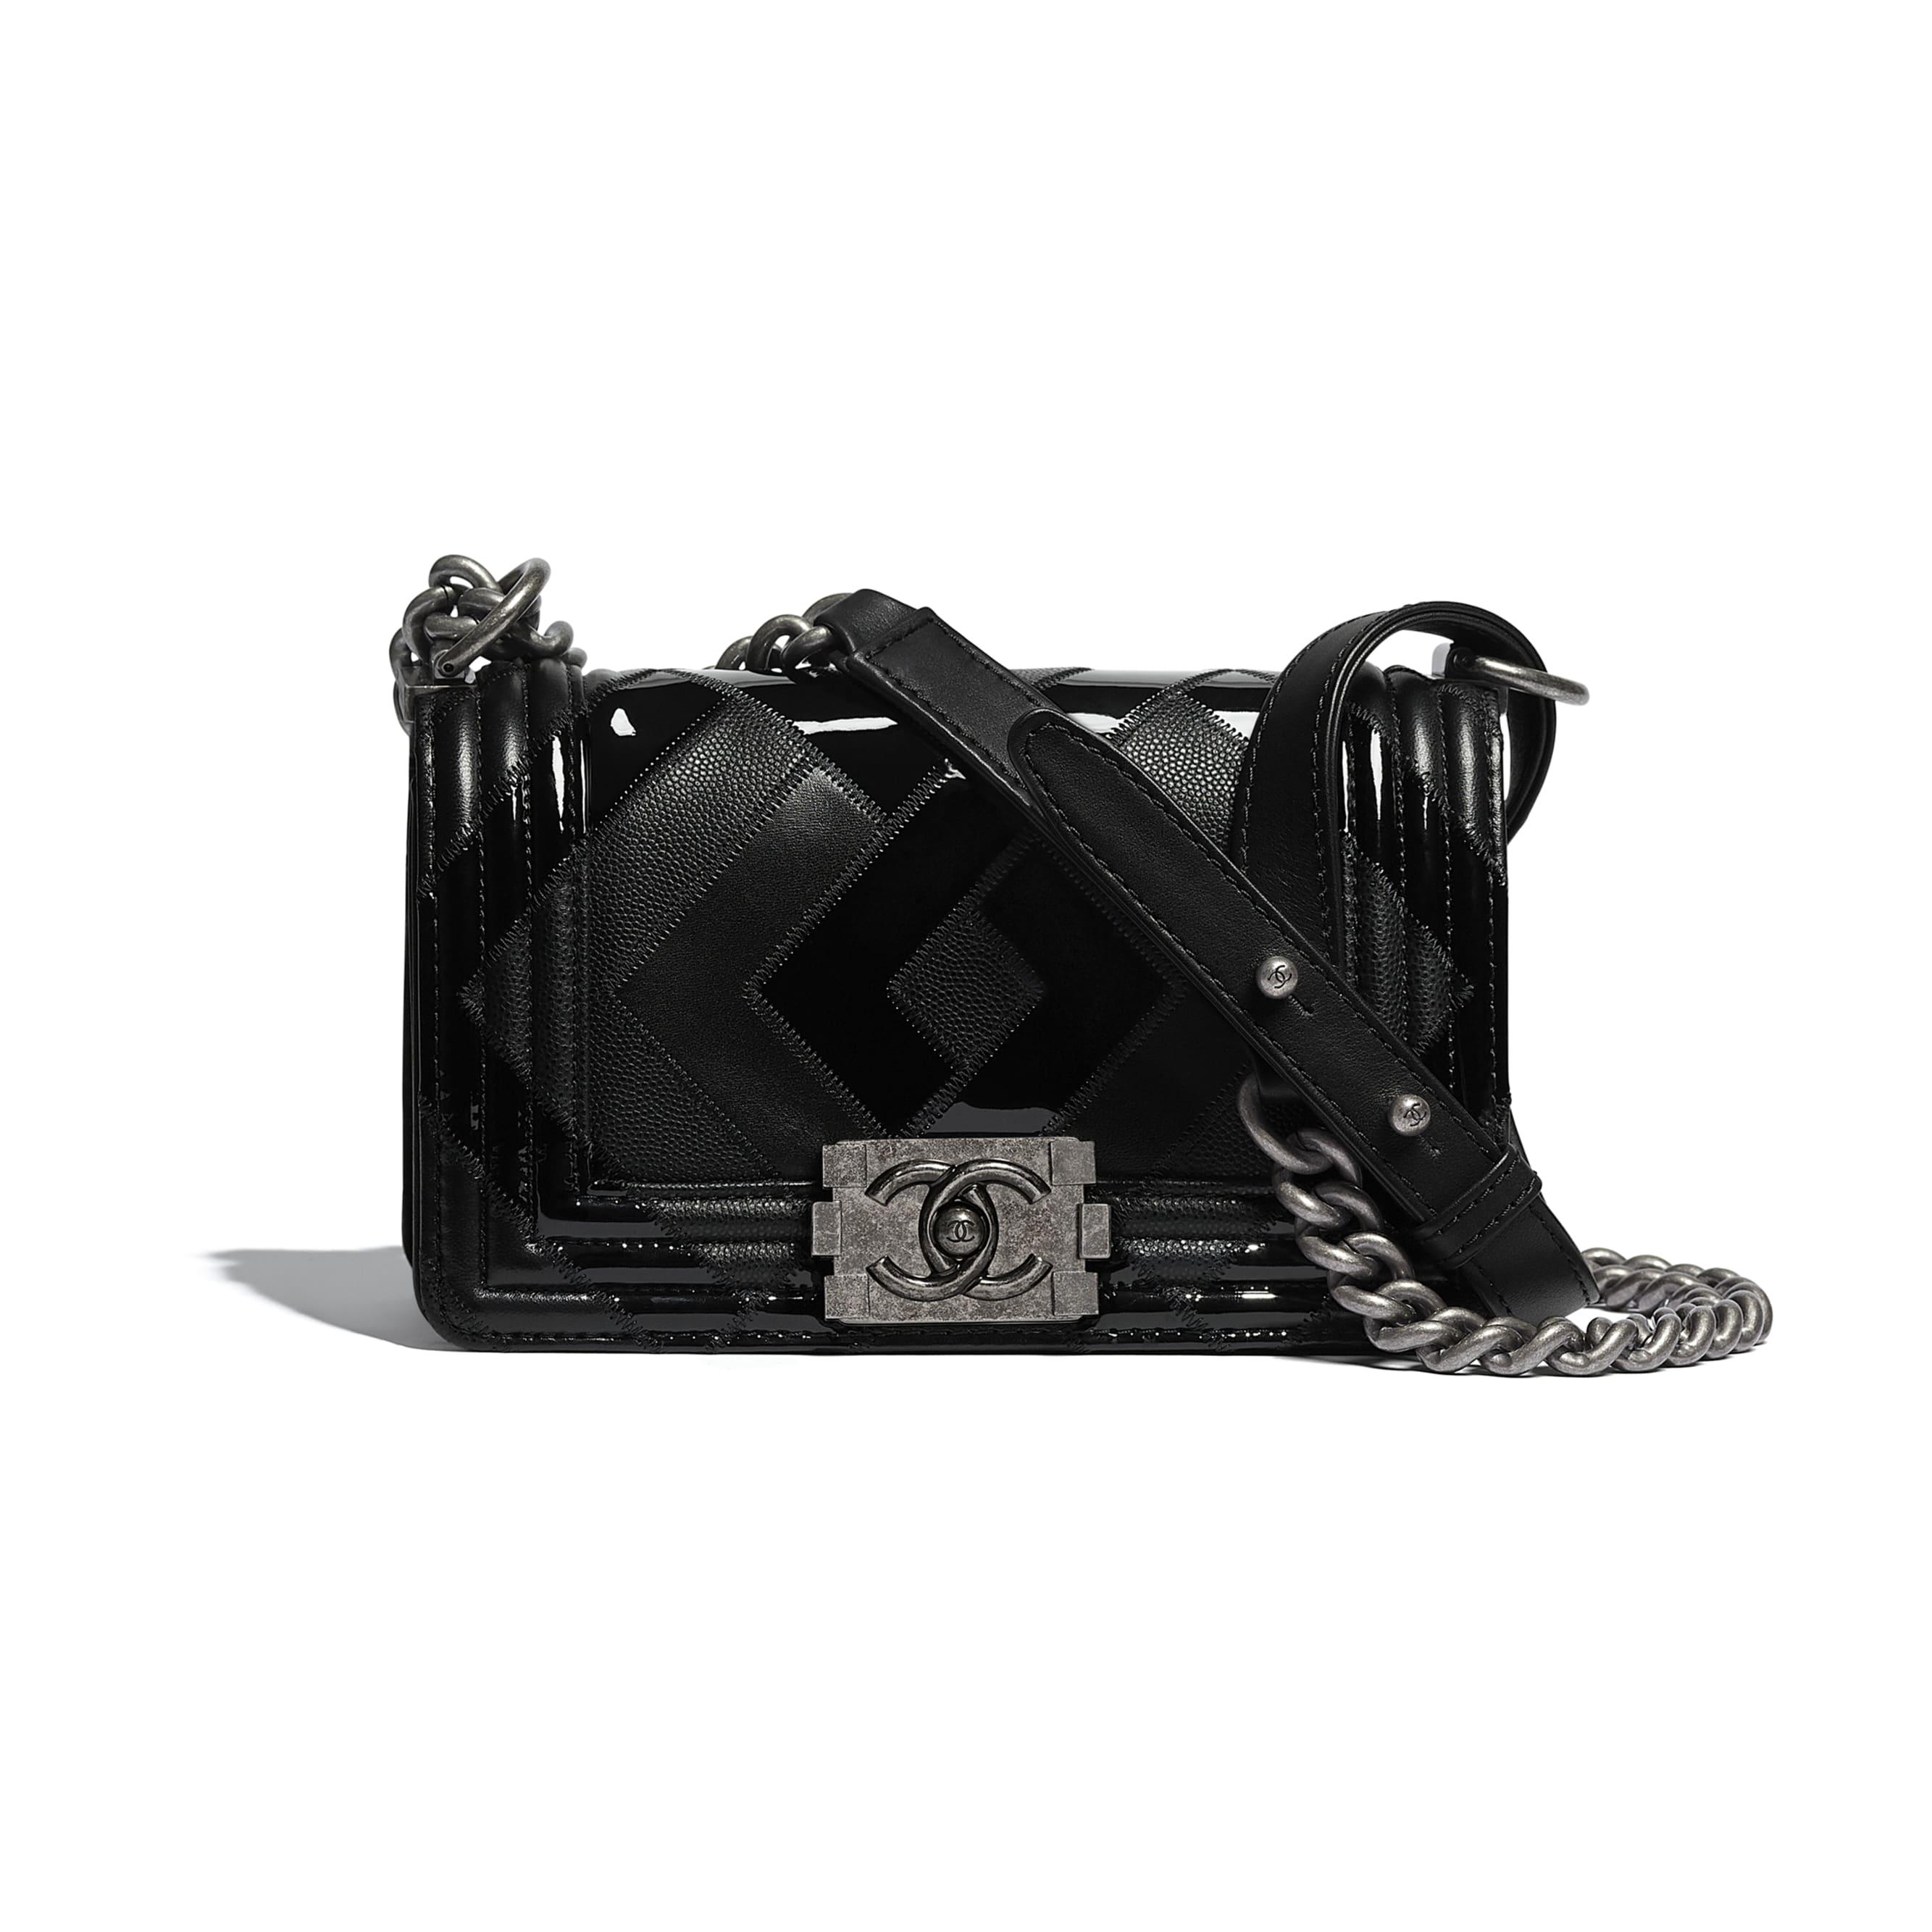 Mała torebka BOY CHANEL - Kolor czarny - Skóra cielęca, patentowa skóra cielęca, skóra cielęca o ziarnistej fakturze i metal z rutenowym wykończeniem      - Widok domyślny – zobacz w standardowym rozmiarze